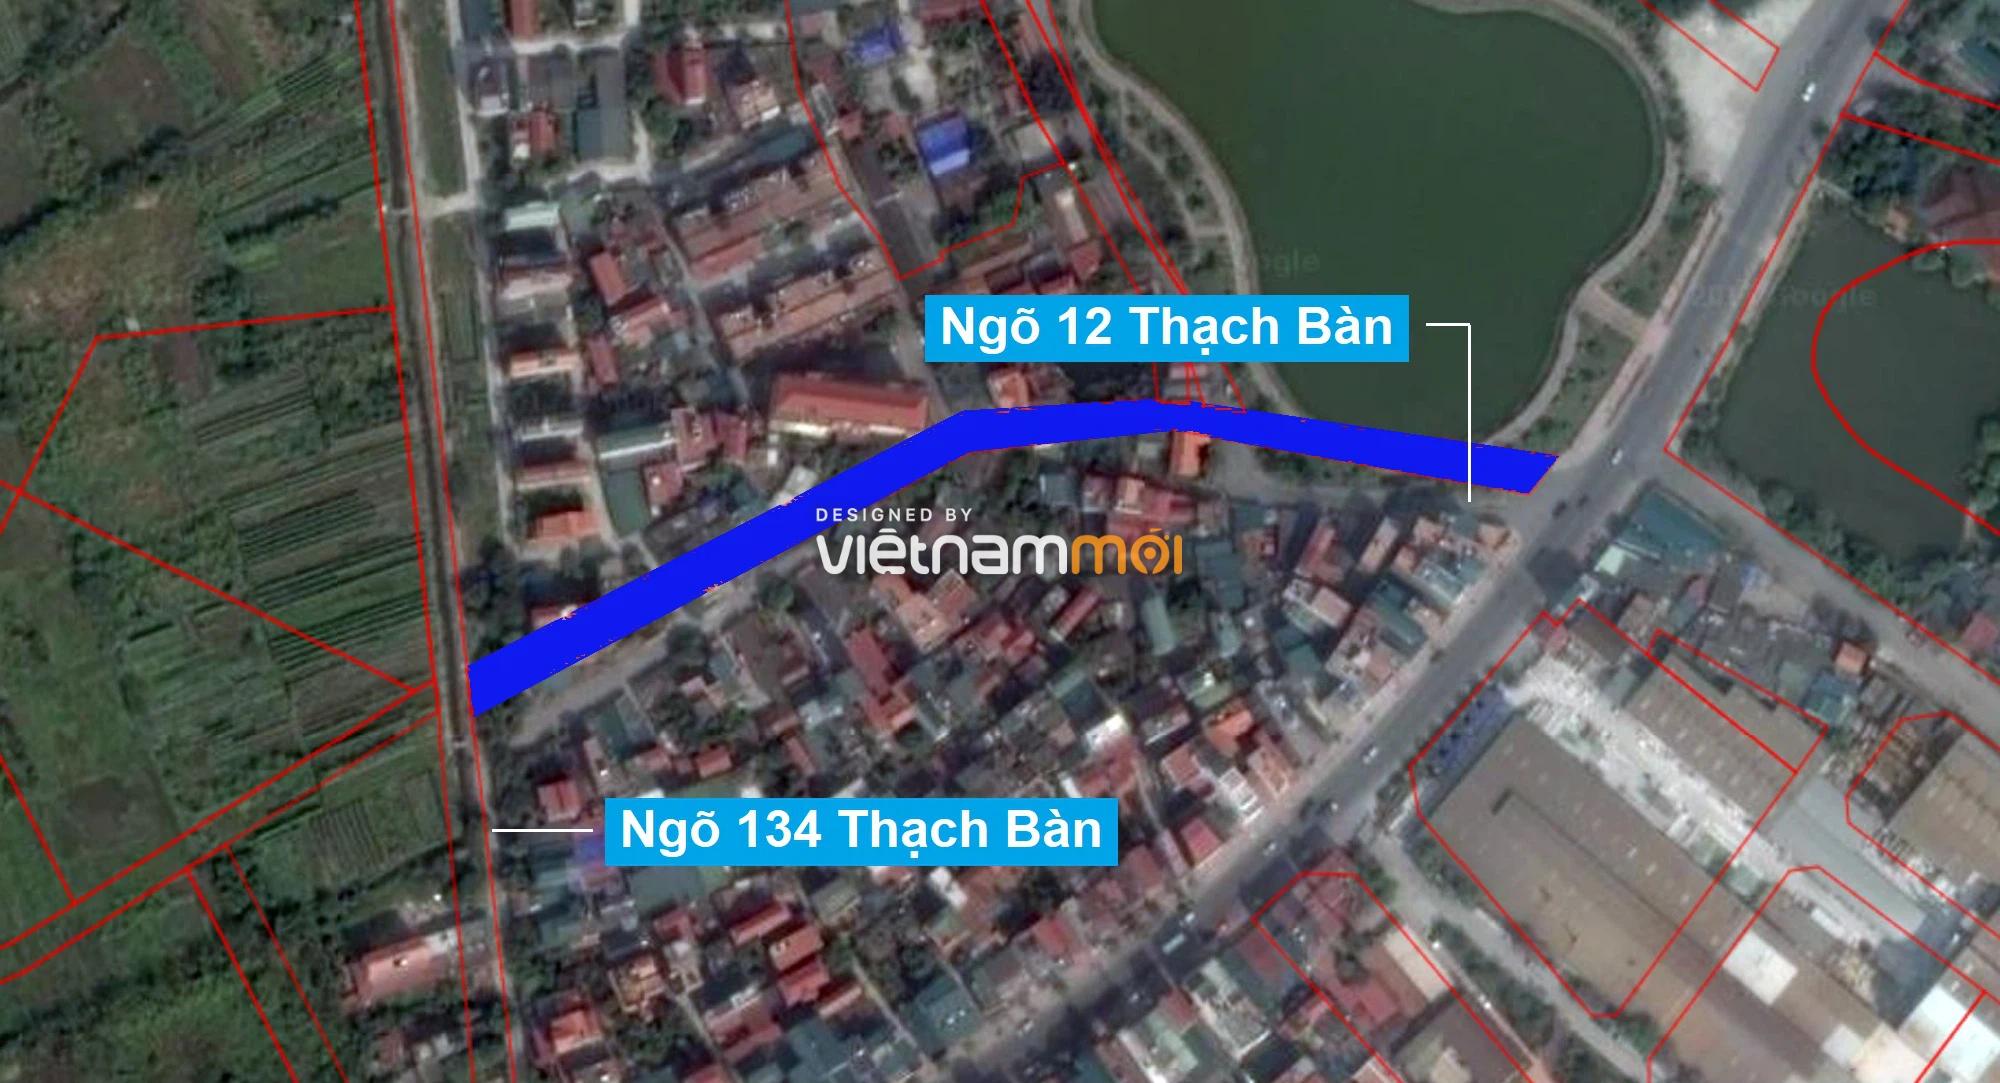 Những khu đất sắp thu hồi để mở đường ở phường Thạch Bàn, Long Biên, Hà Nội (phần 2) - Ảnh 2.